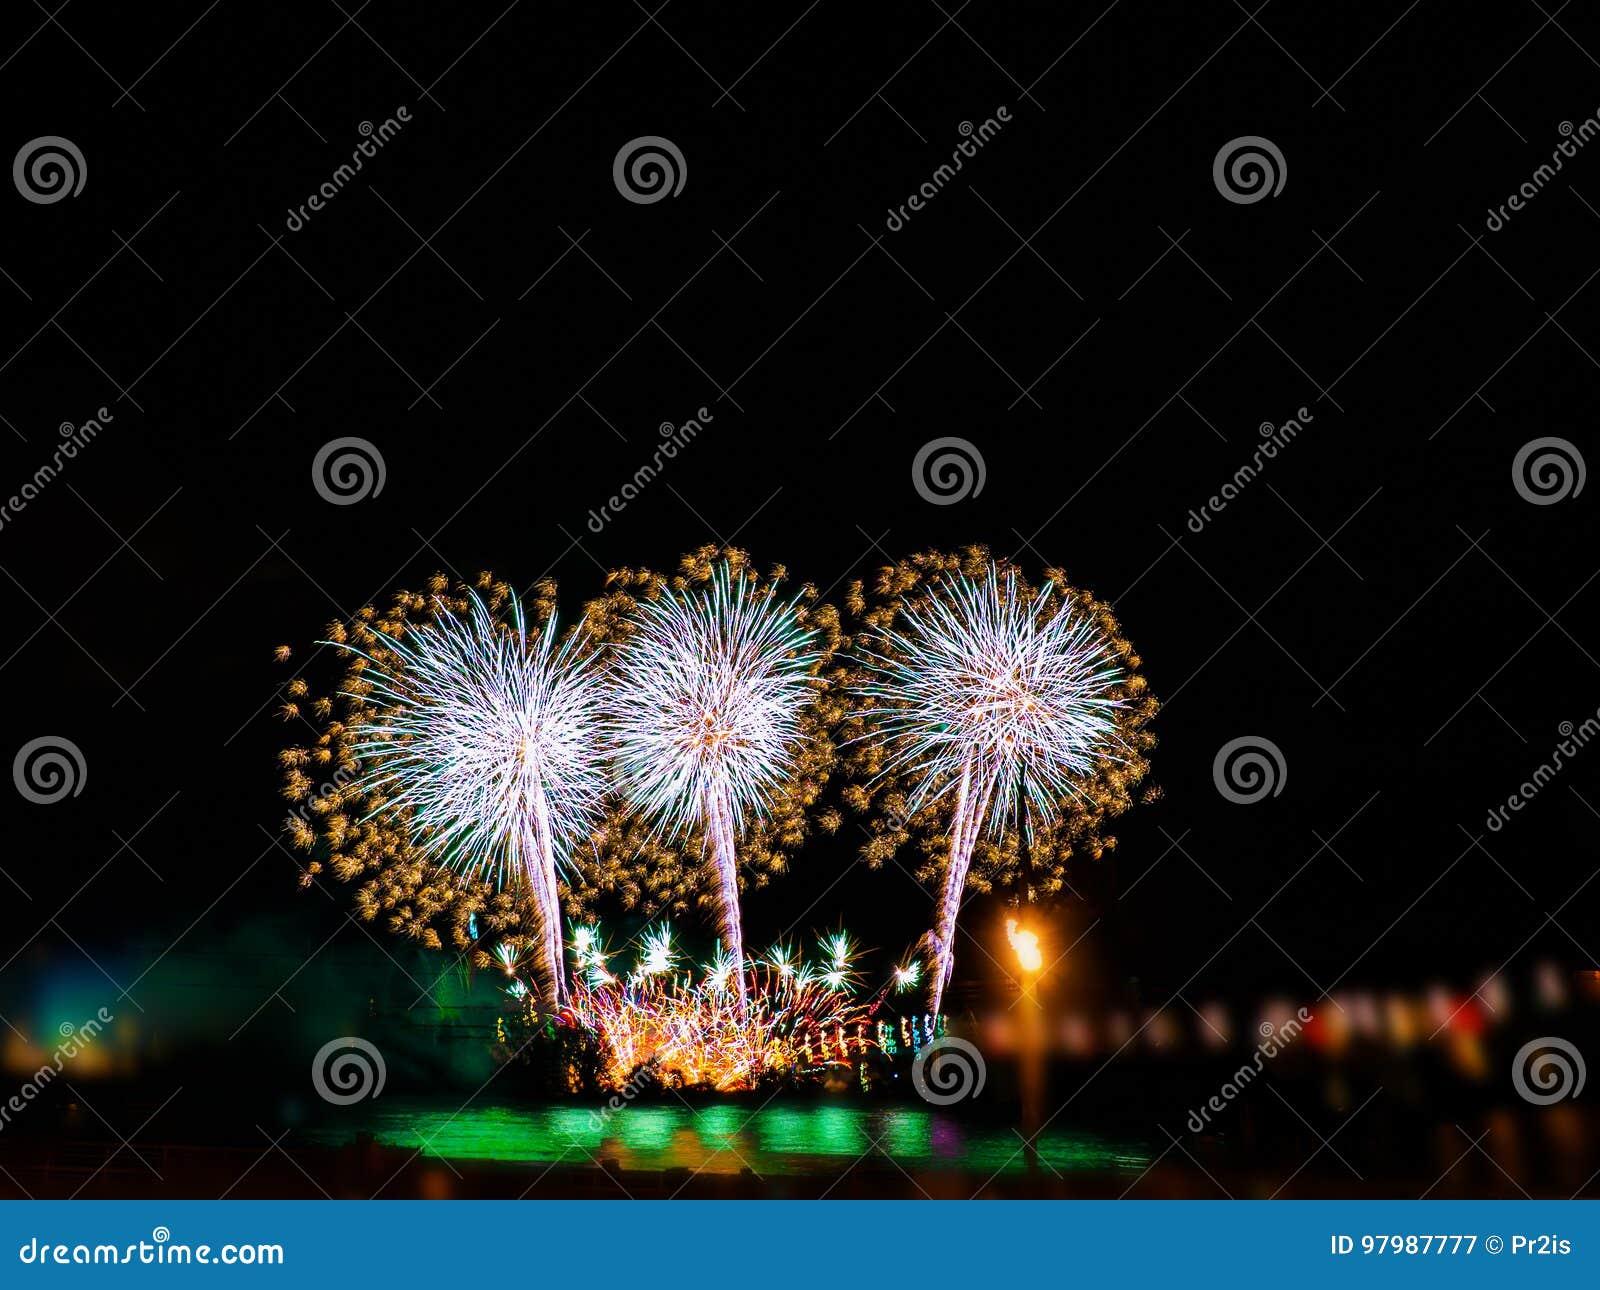 Bunte Feuerwerke mit mehrfachen Explosionen gegen bewölkten Himmel